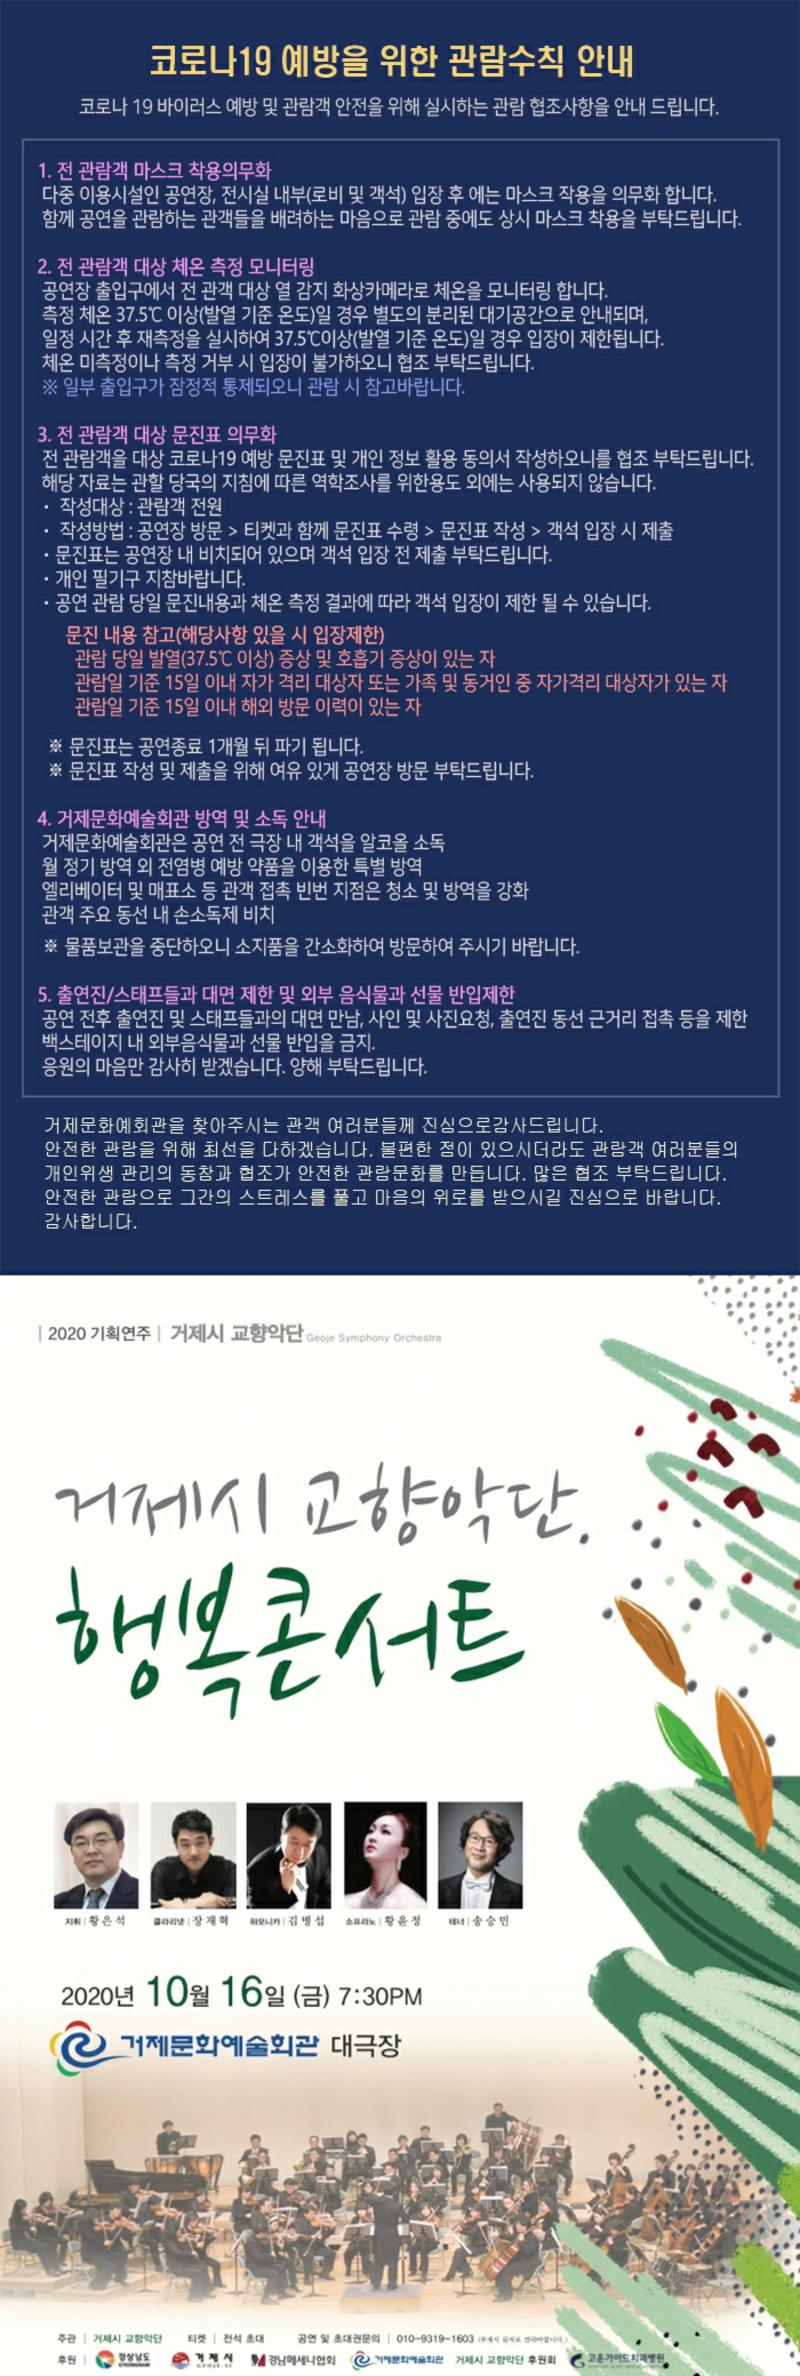 거제시교향악단 제15회 정기연주회 상세보기